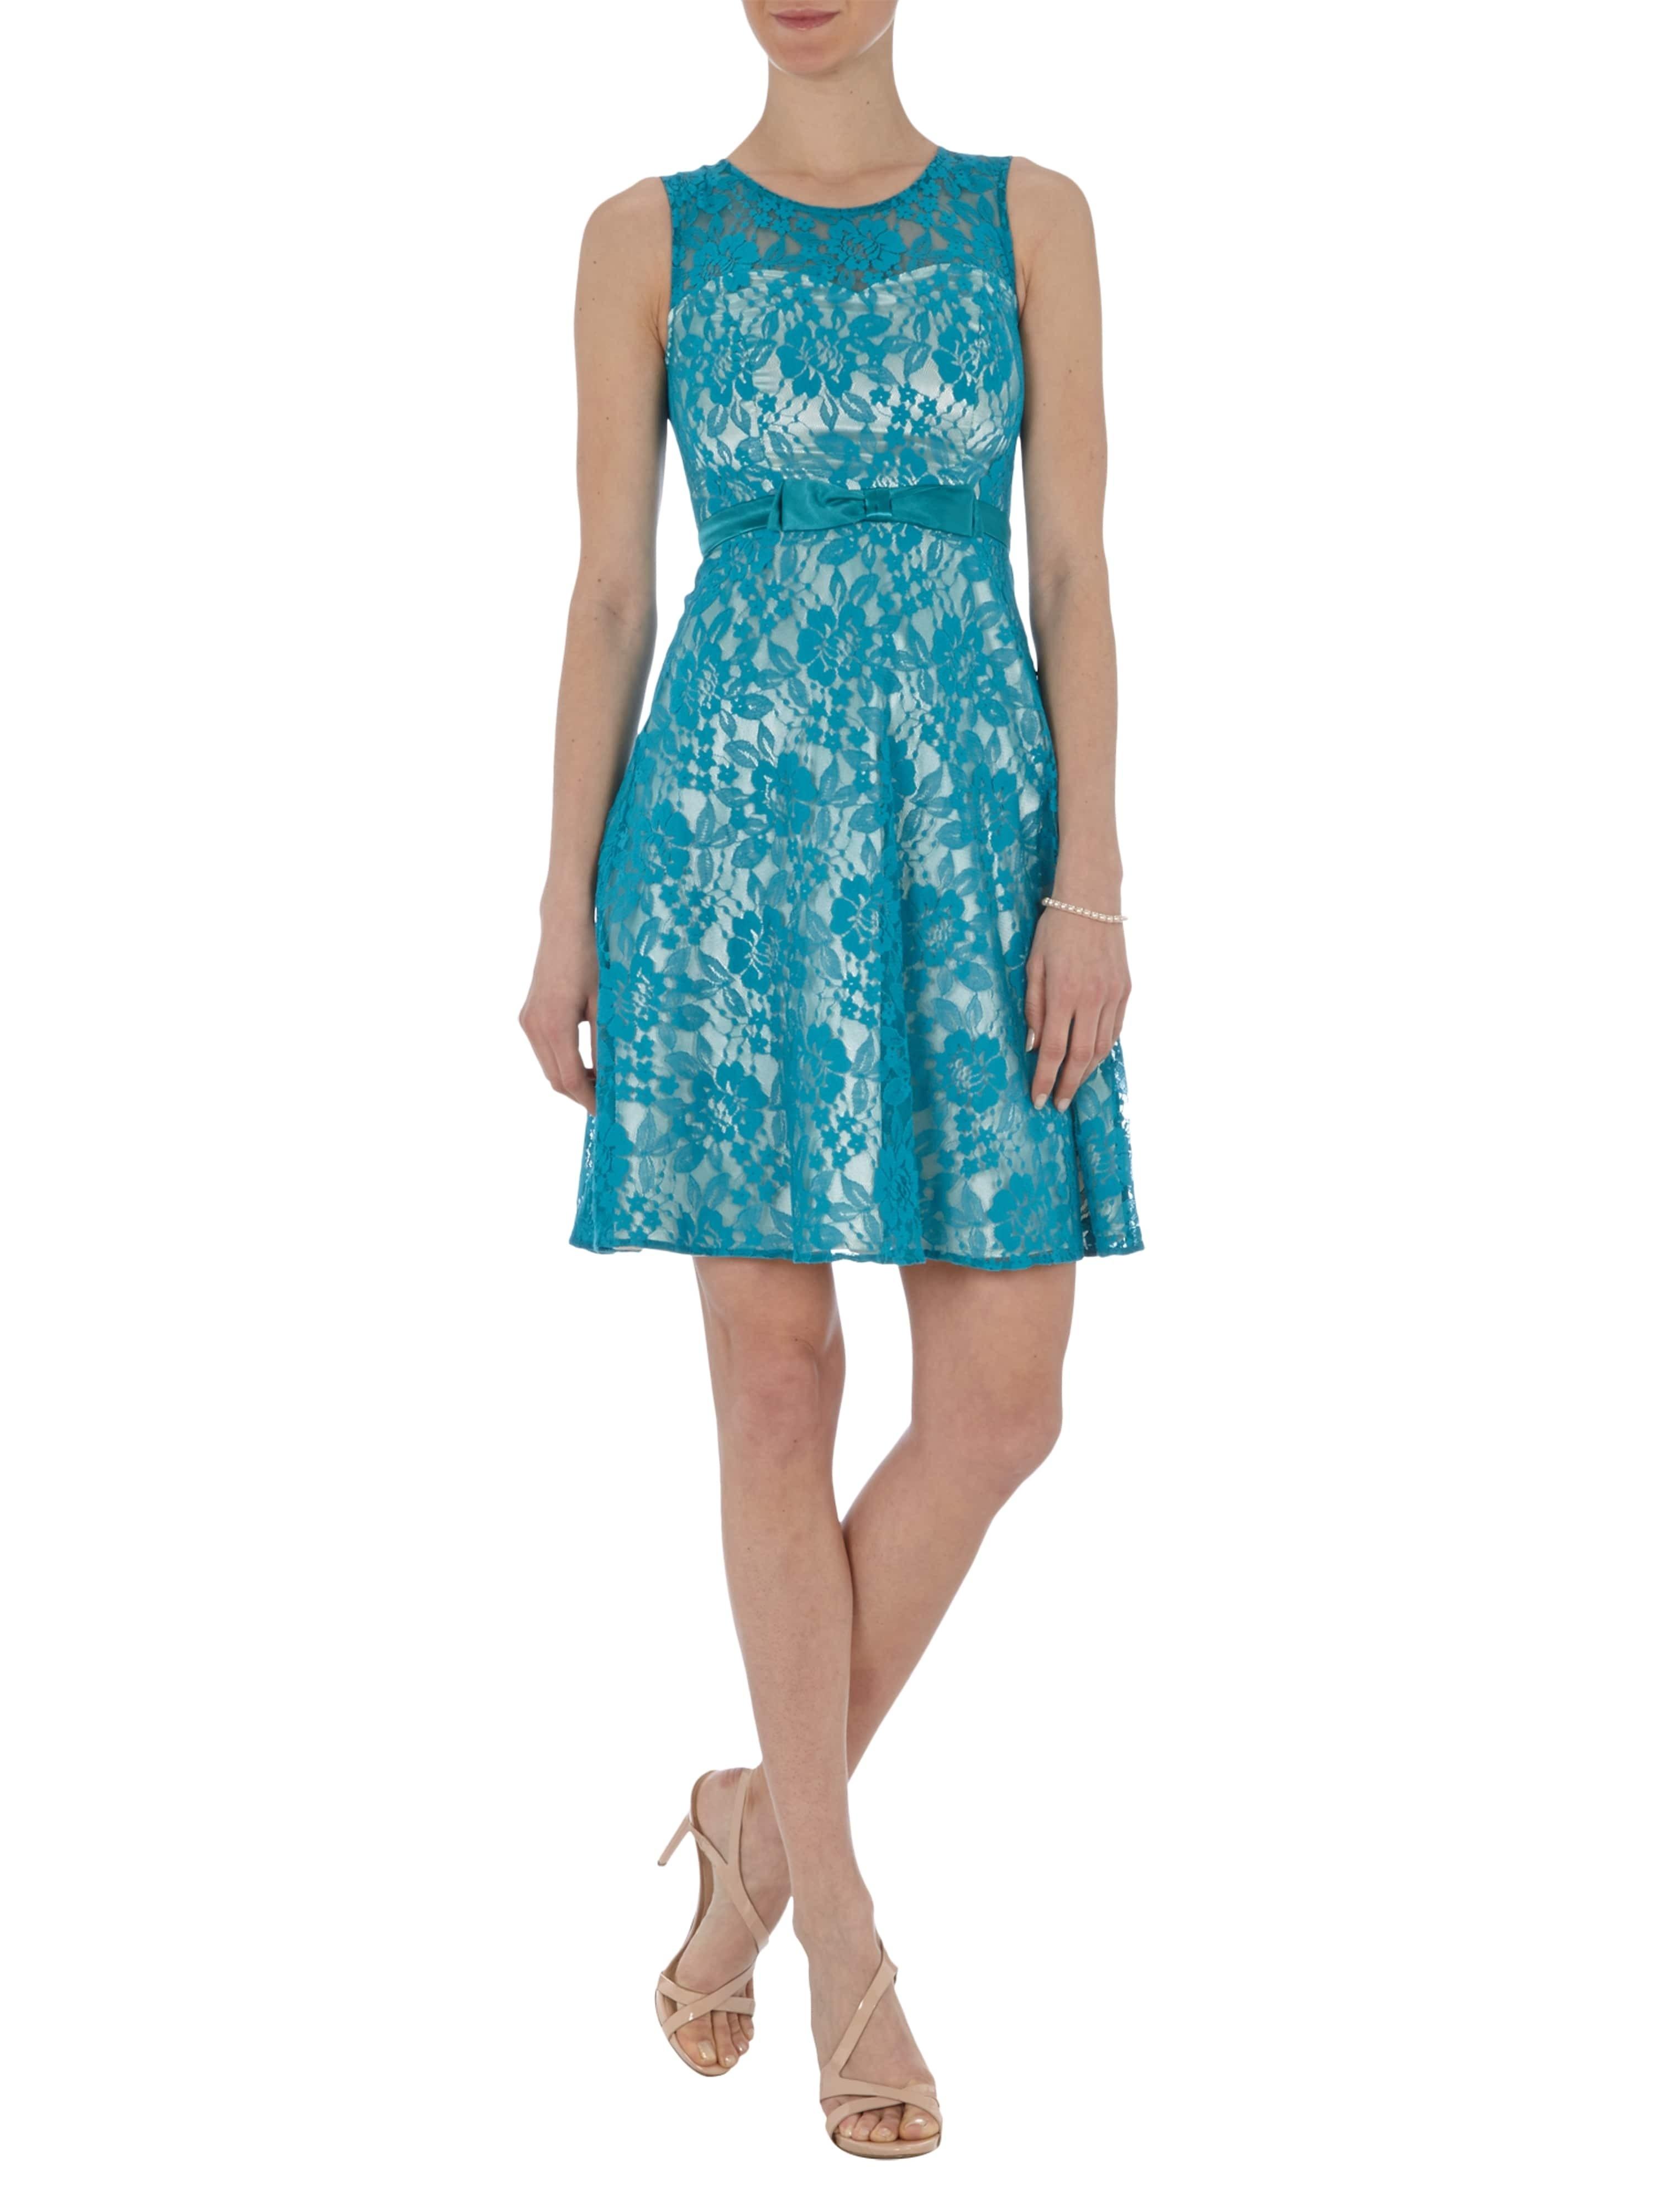 Formal Top Kleid Grün Spitze Boutique17 Einfach Kleid Grün Spitze Vertrieb